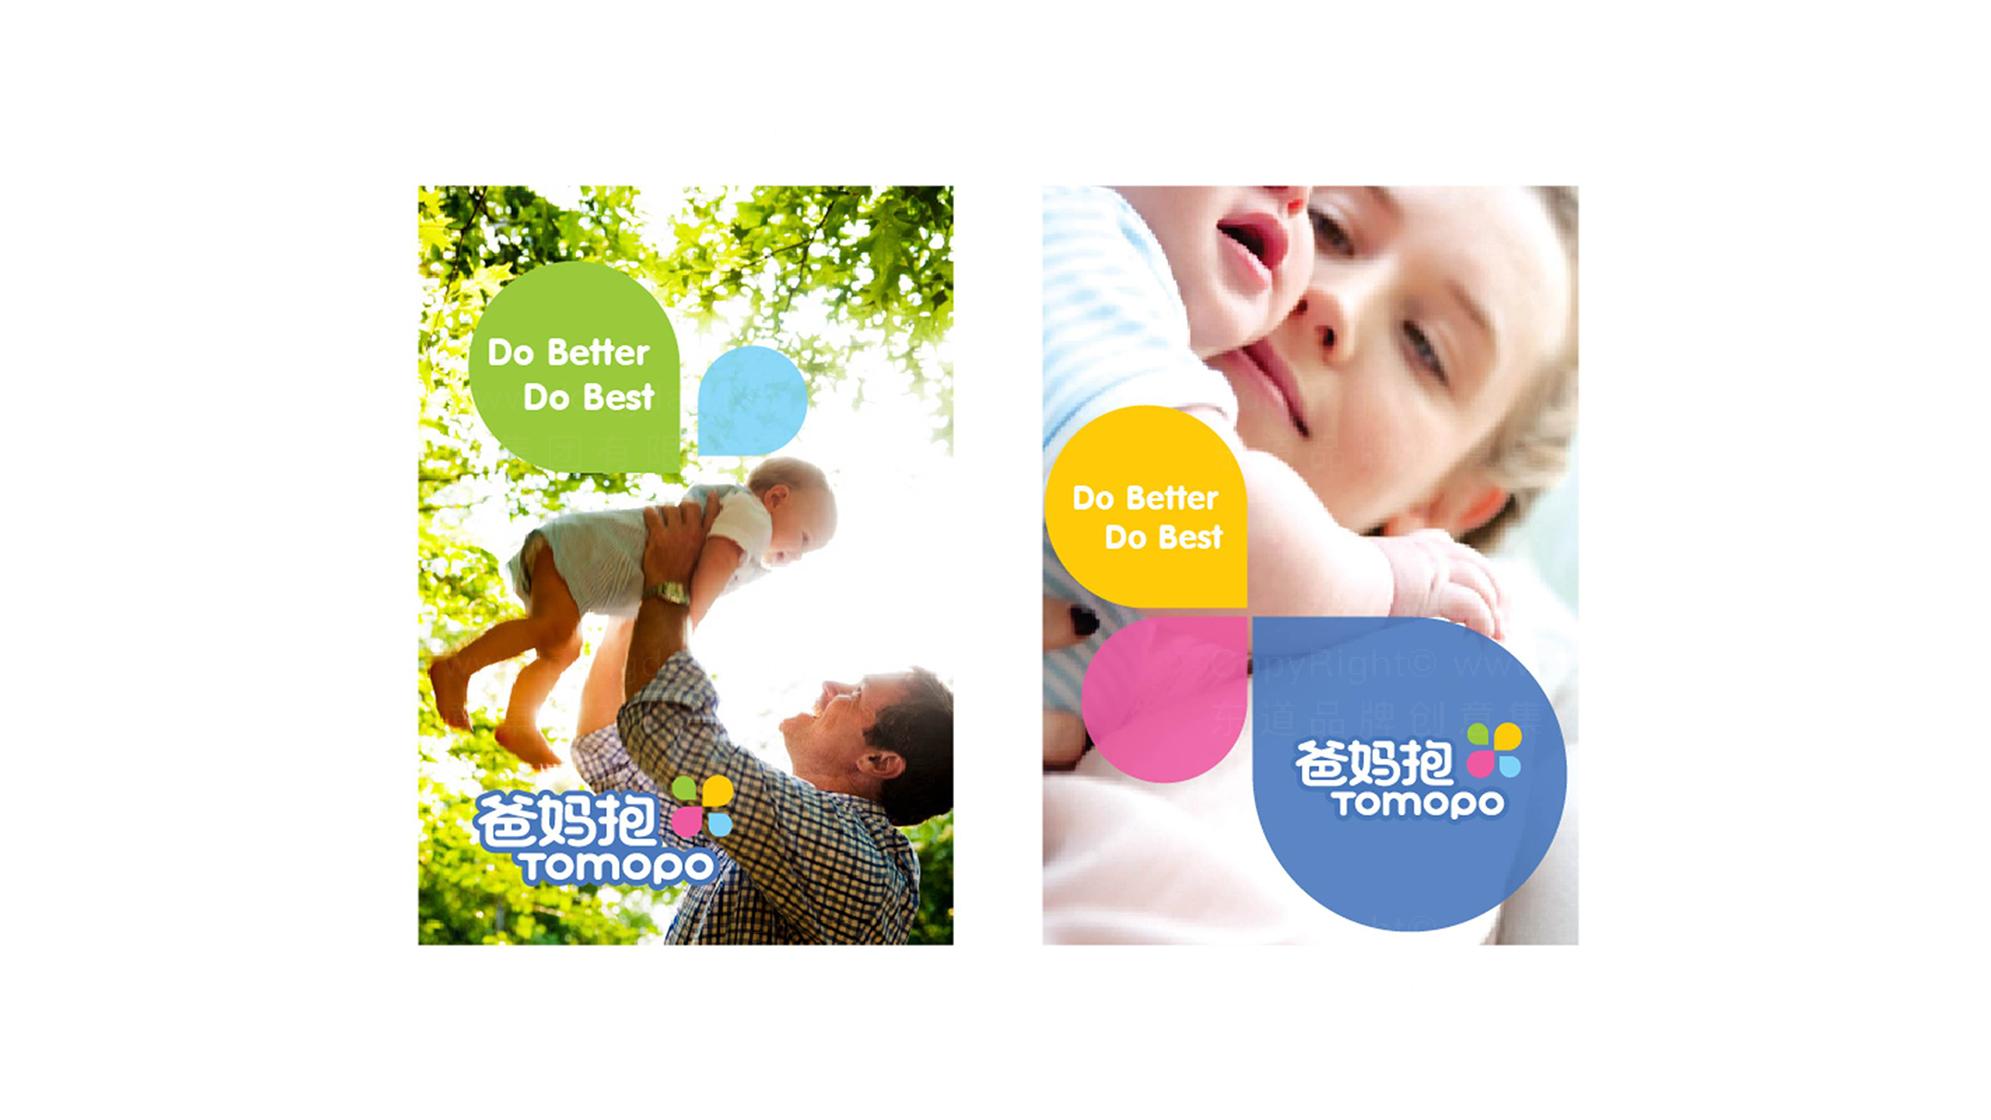 品牌设计爸妈抱母婴tomopo标志设计应用场景_8